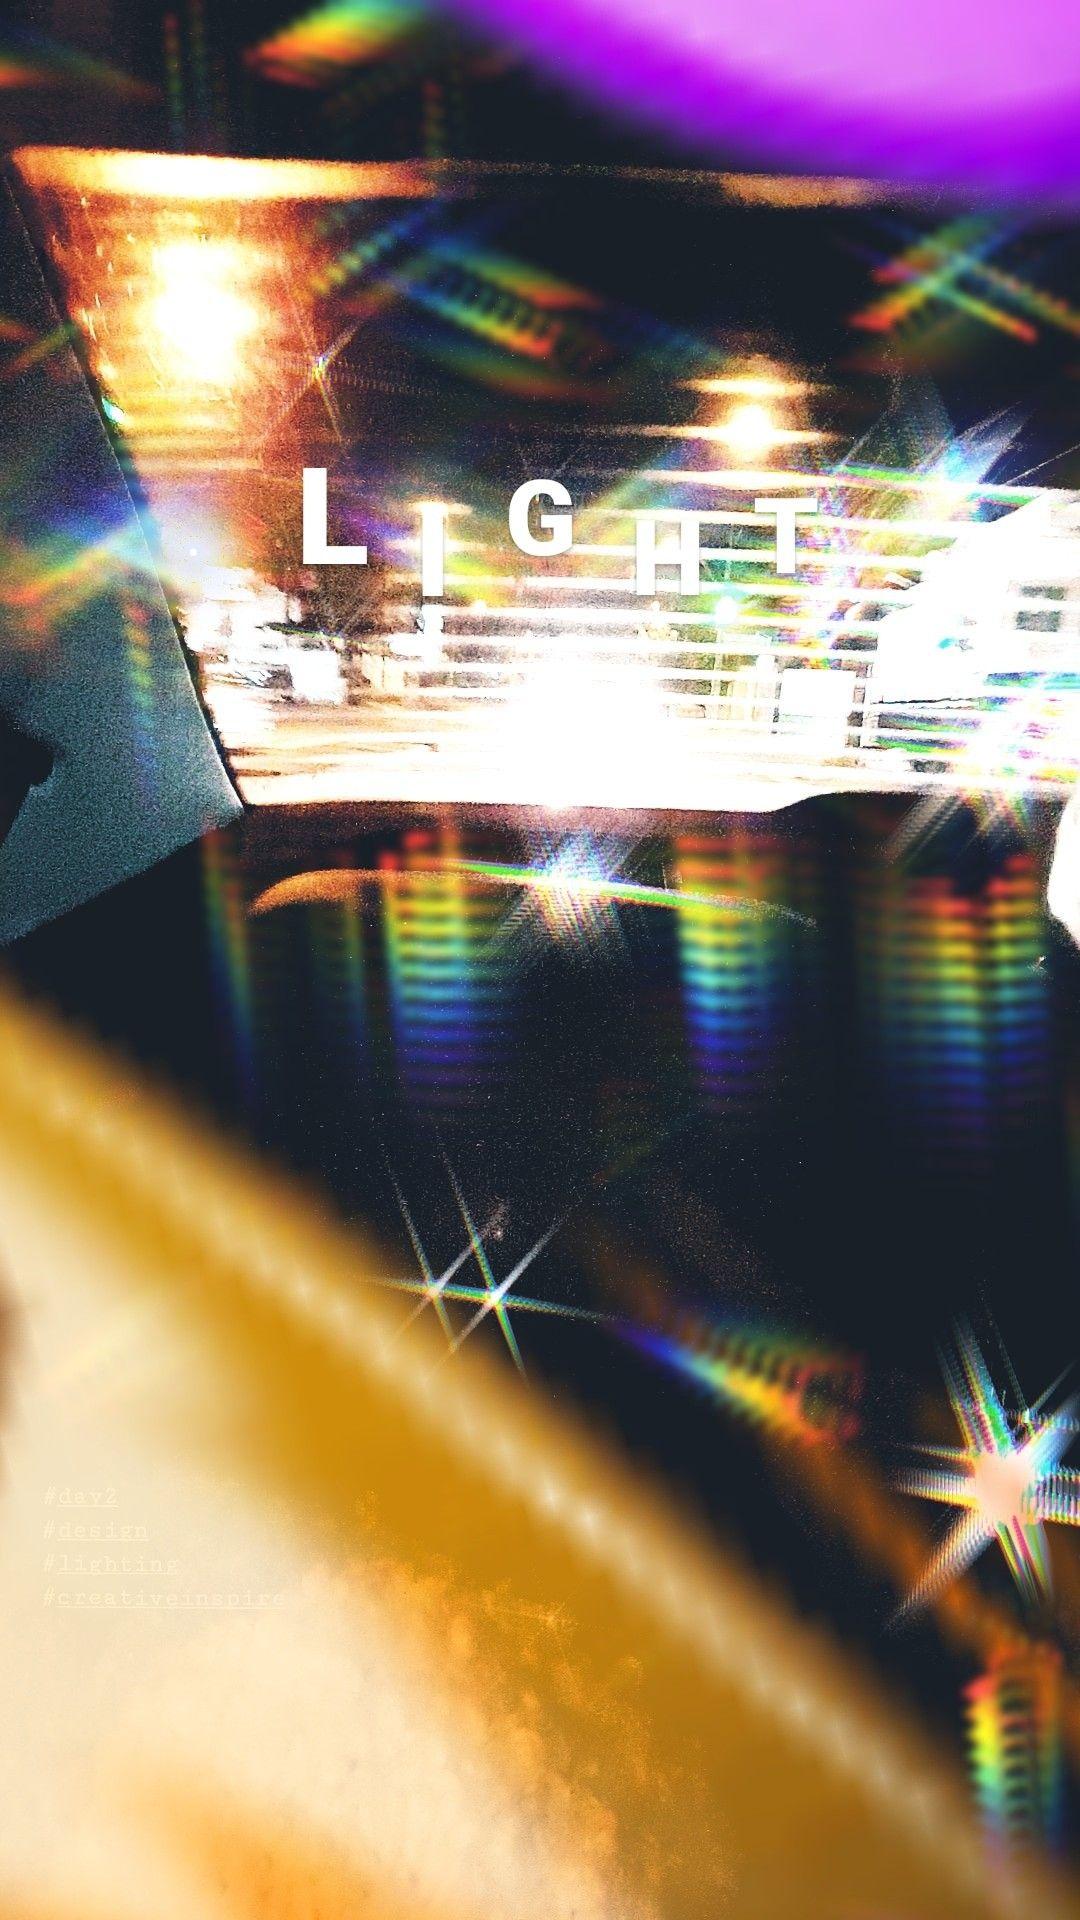 Para el dia 2 de agosto creativo va el diseño de luces #augustcreative #day2  #designlighting #instadesign